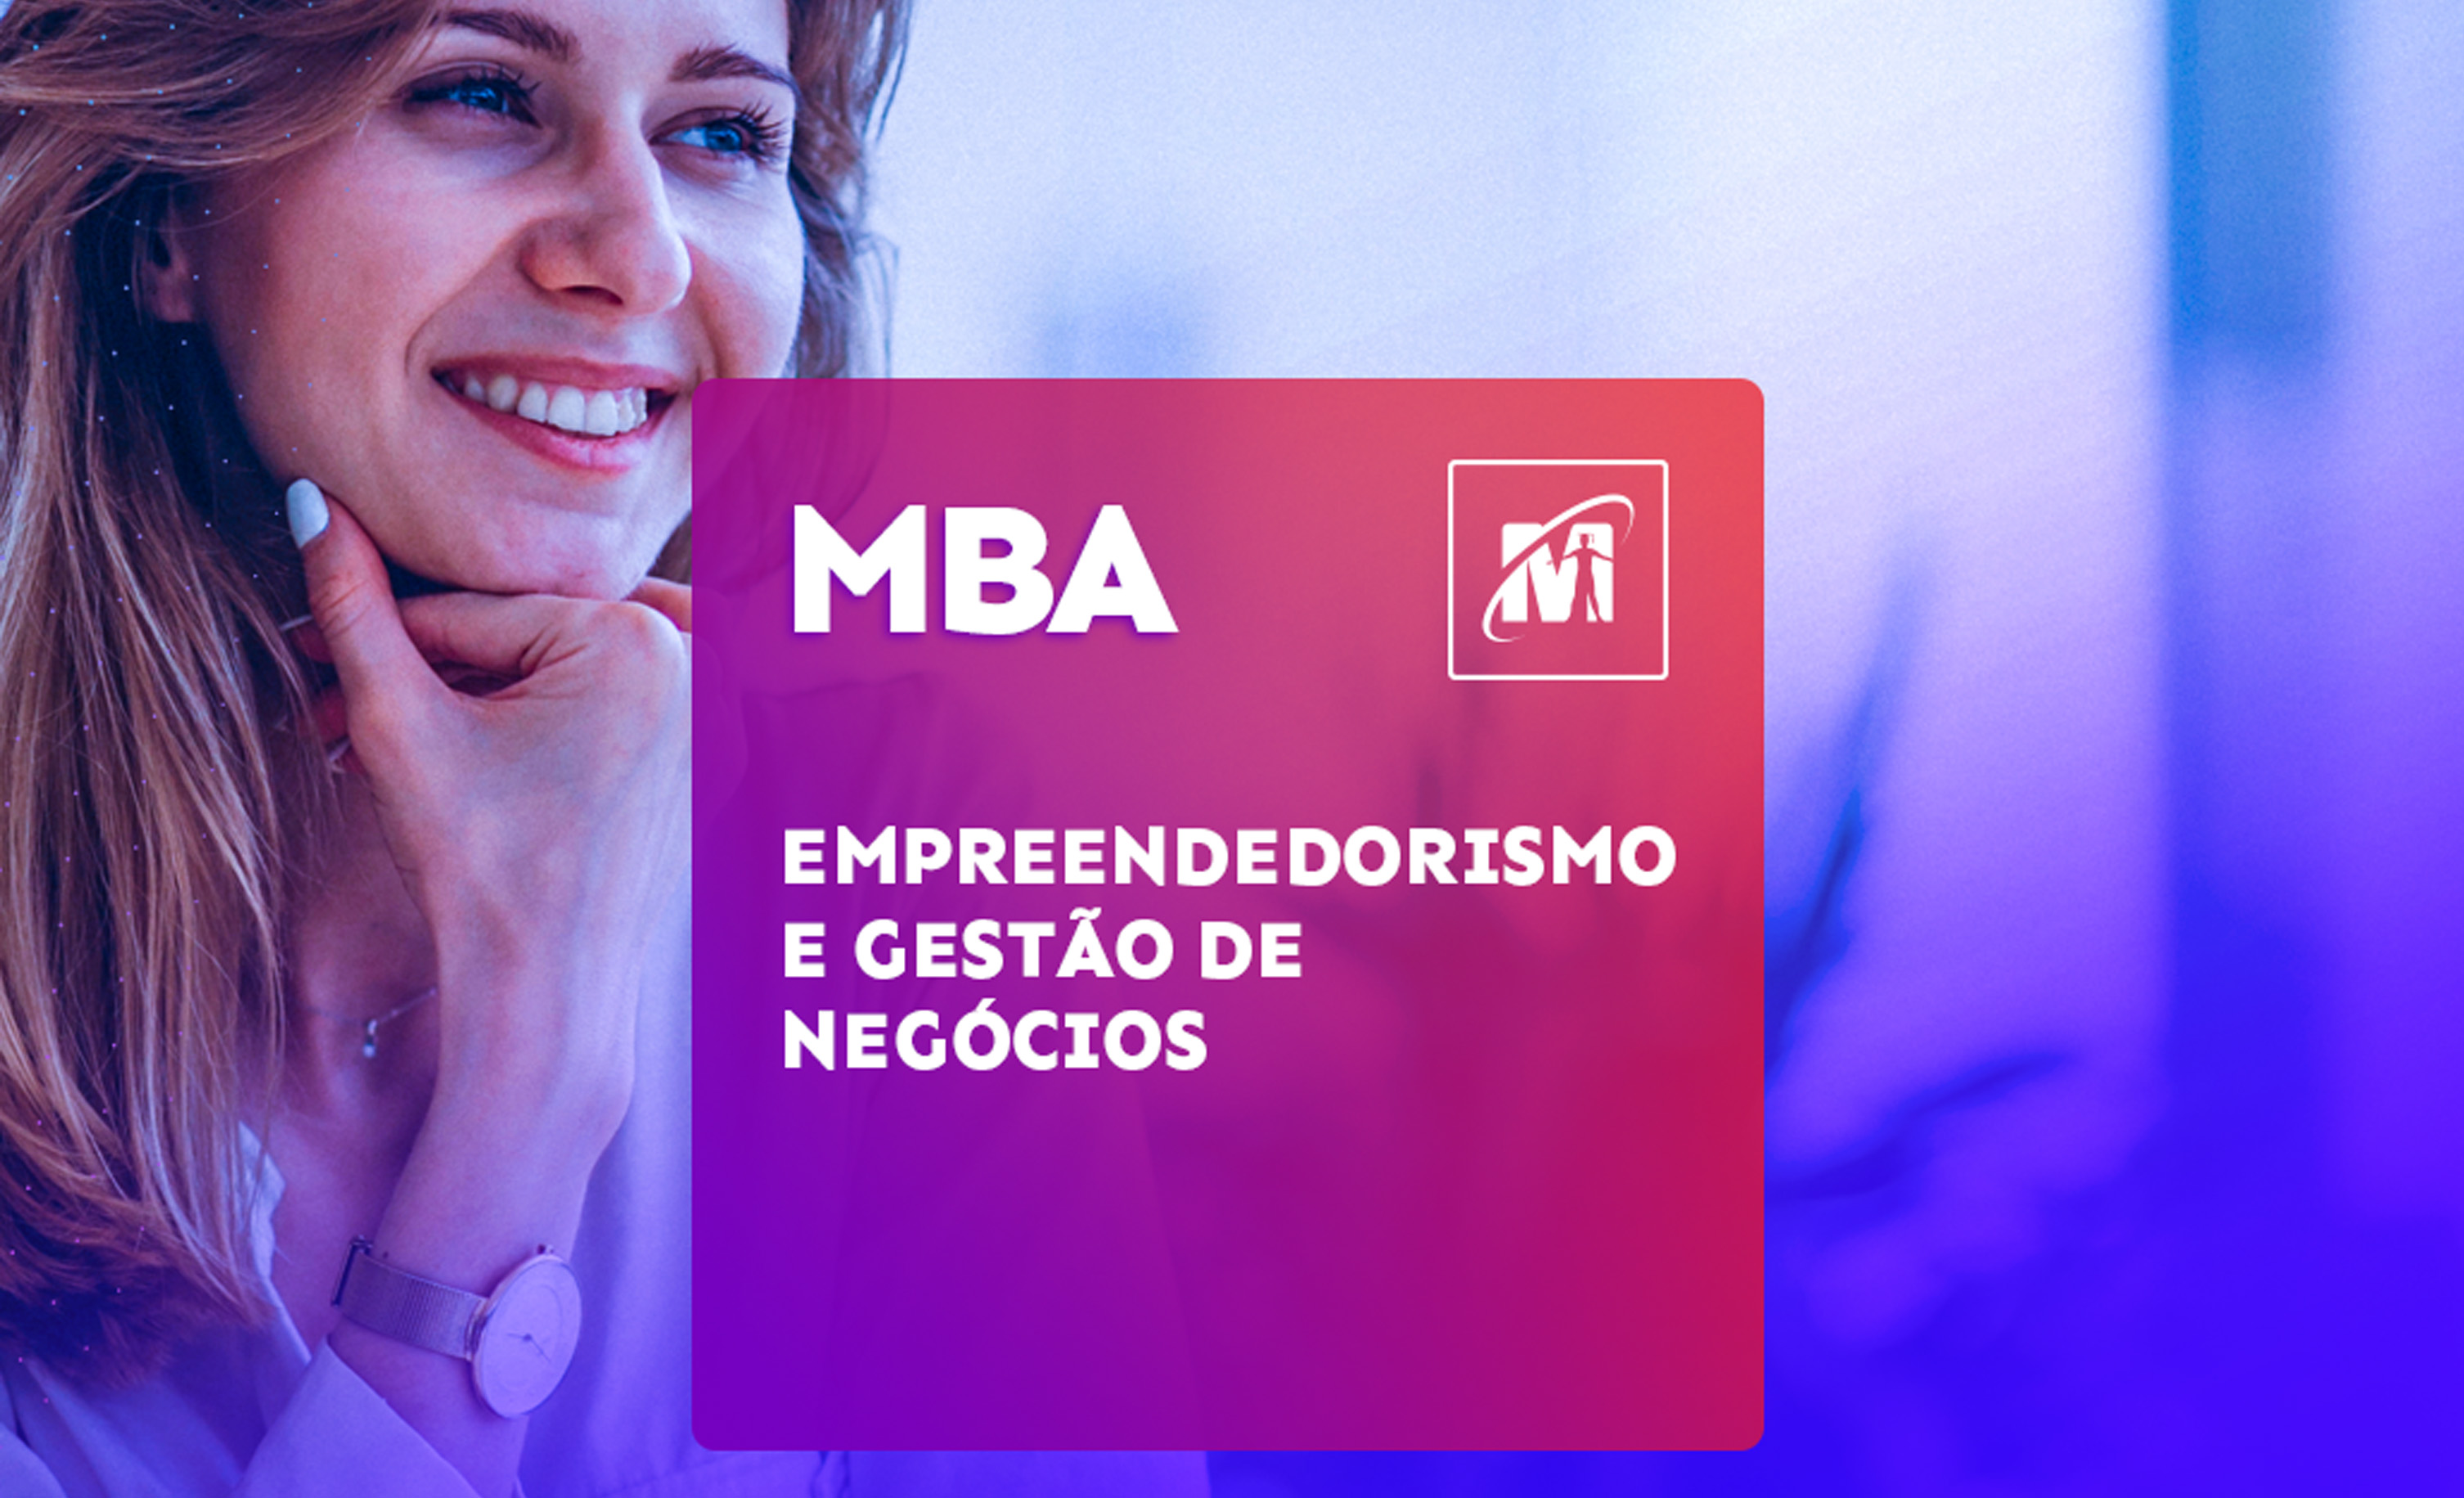 MBA em Empreendedorismo e Gestão de Negócios no Século XXI